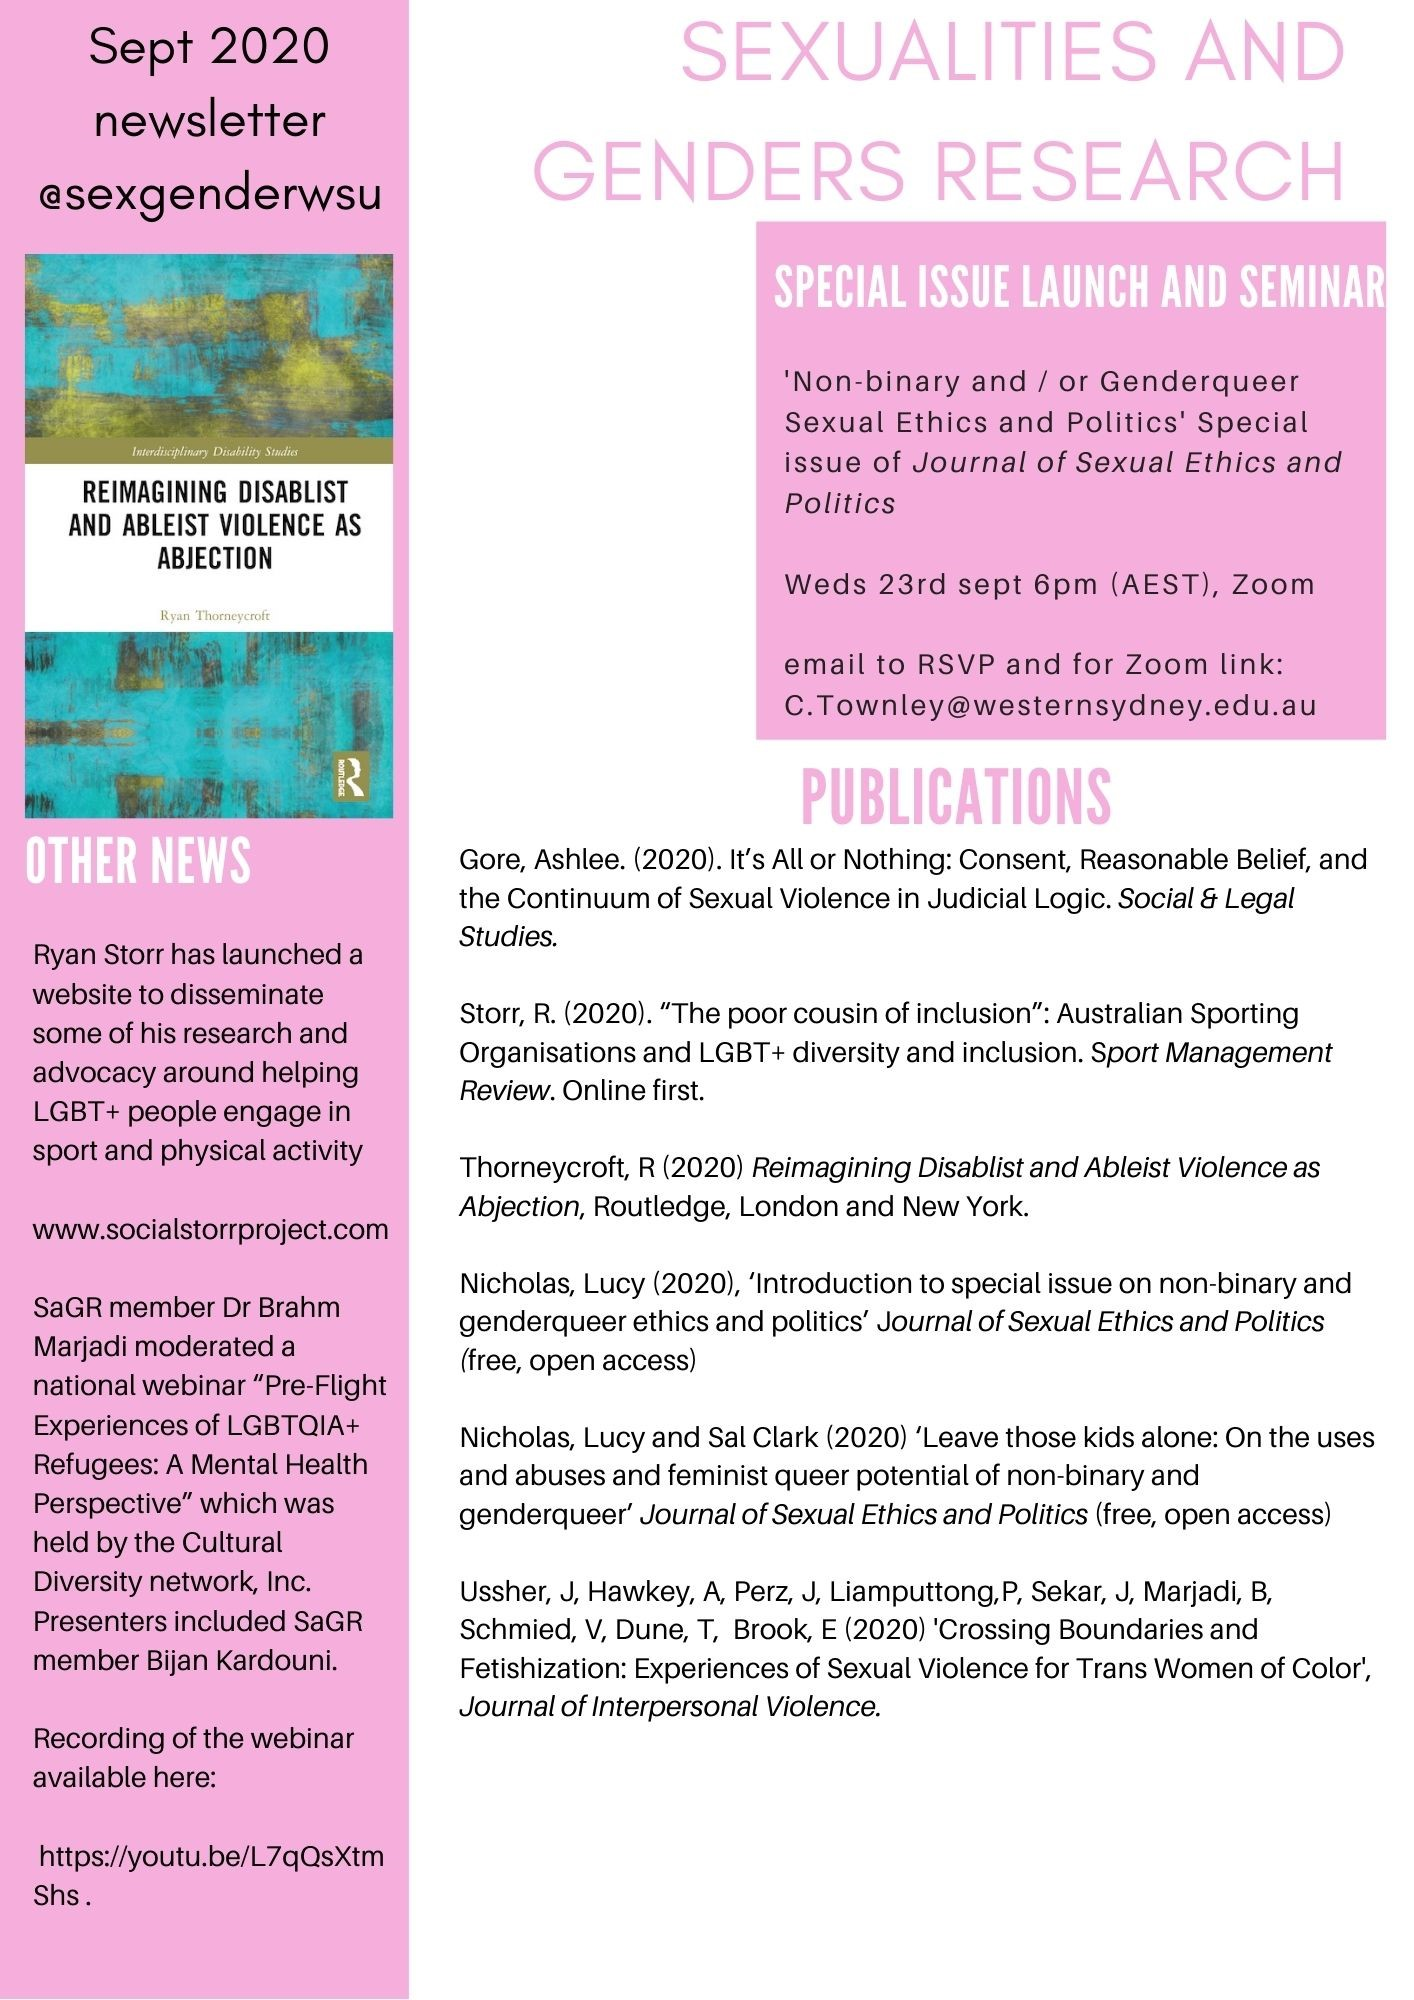 Sept 2020 SAGR Newsletter